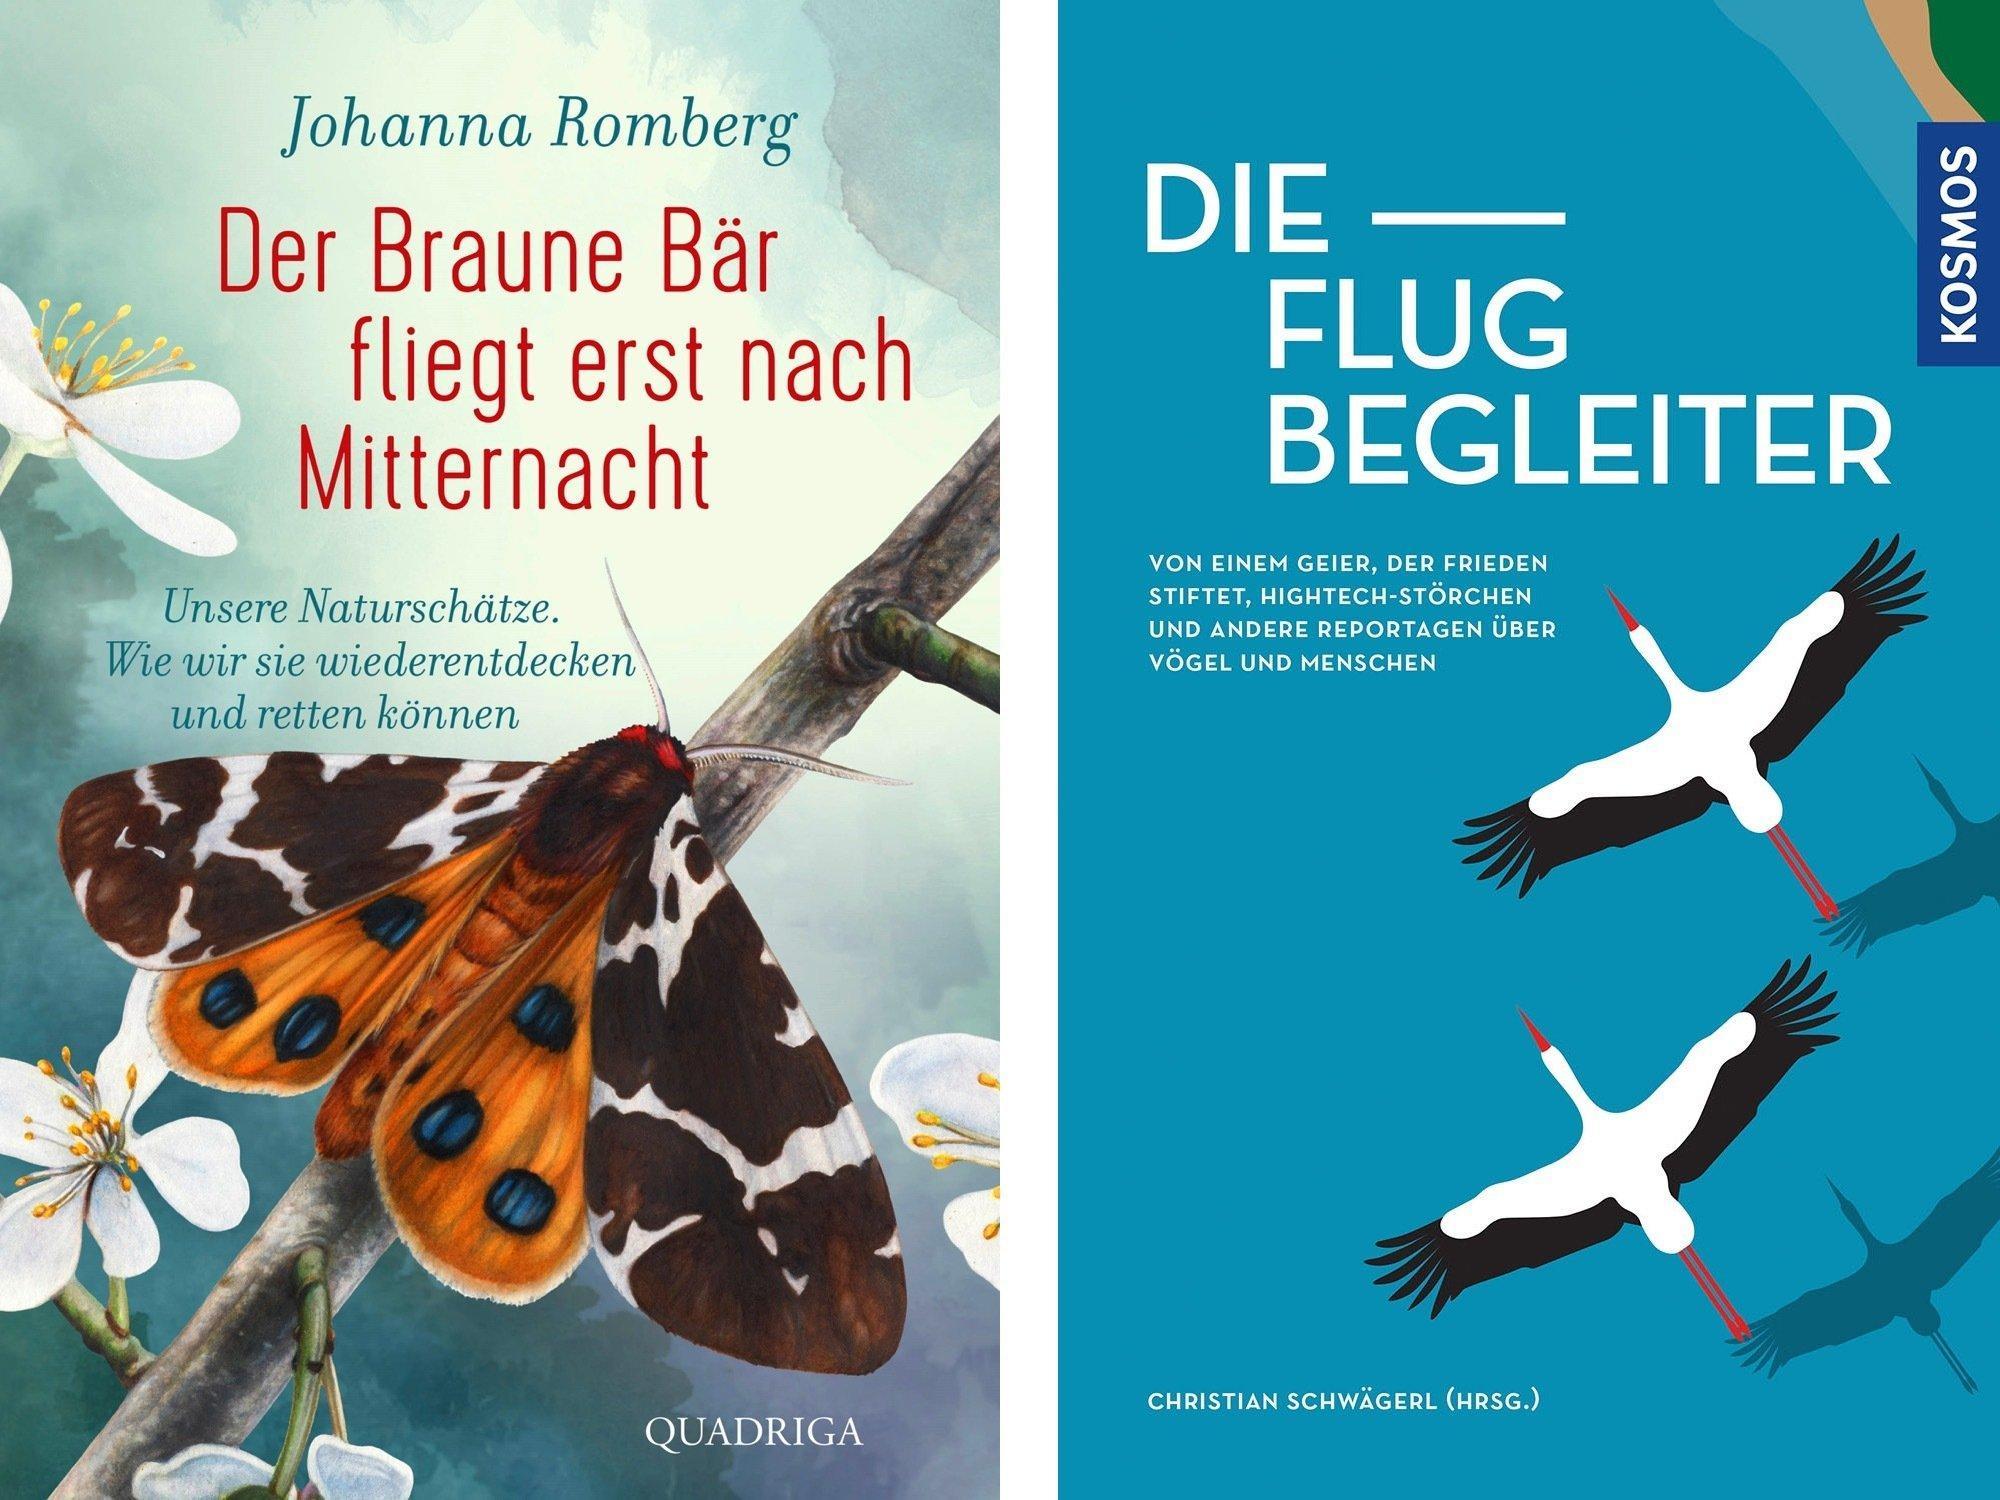 Das Bild zeigt die Cover der Bücher von Johanna Romberg (erscheint im Februar) und der Flugbegleiter (2020erschienen).